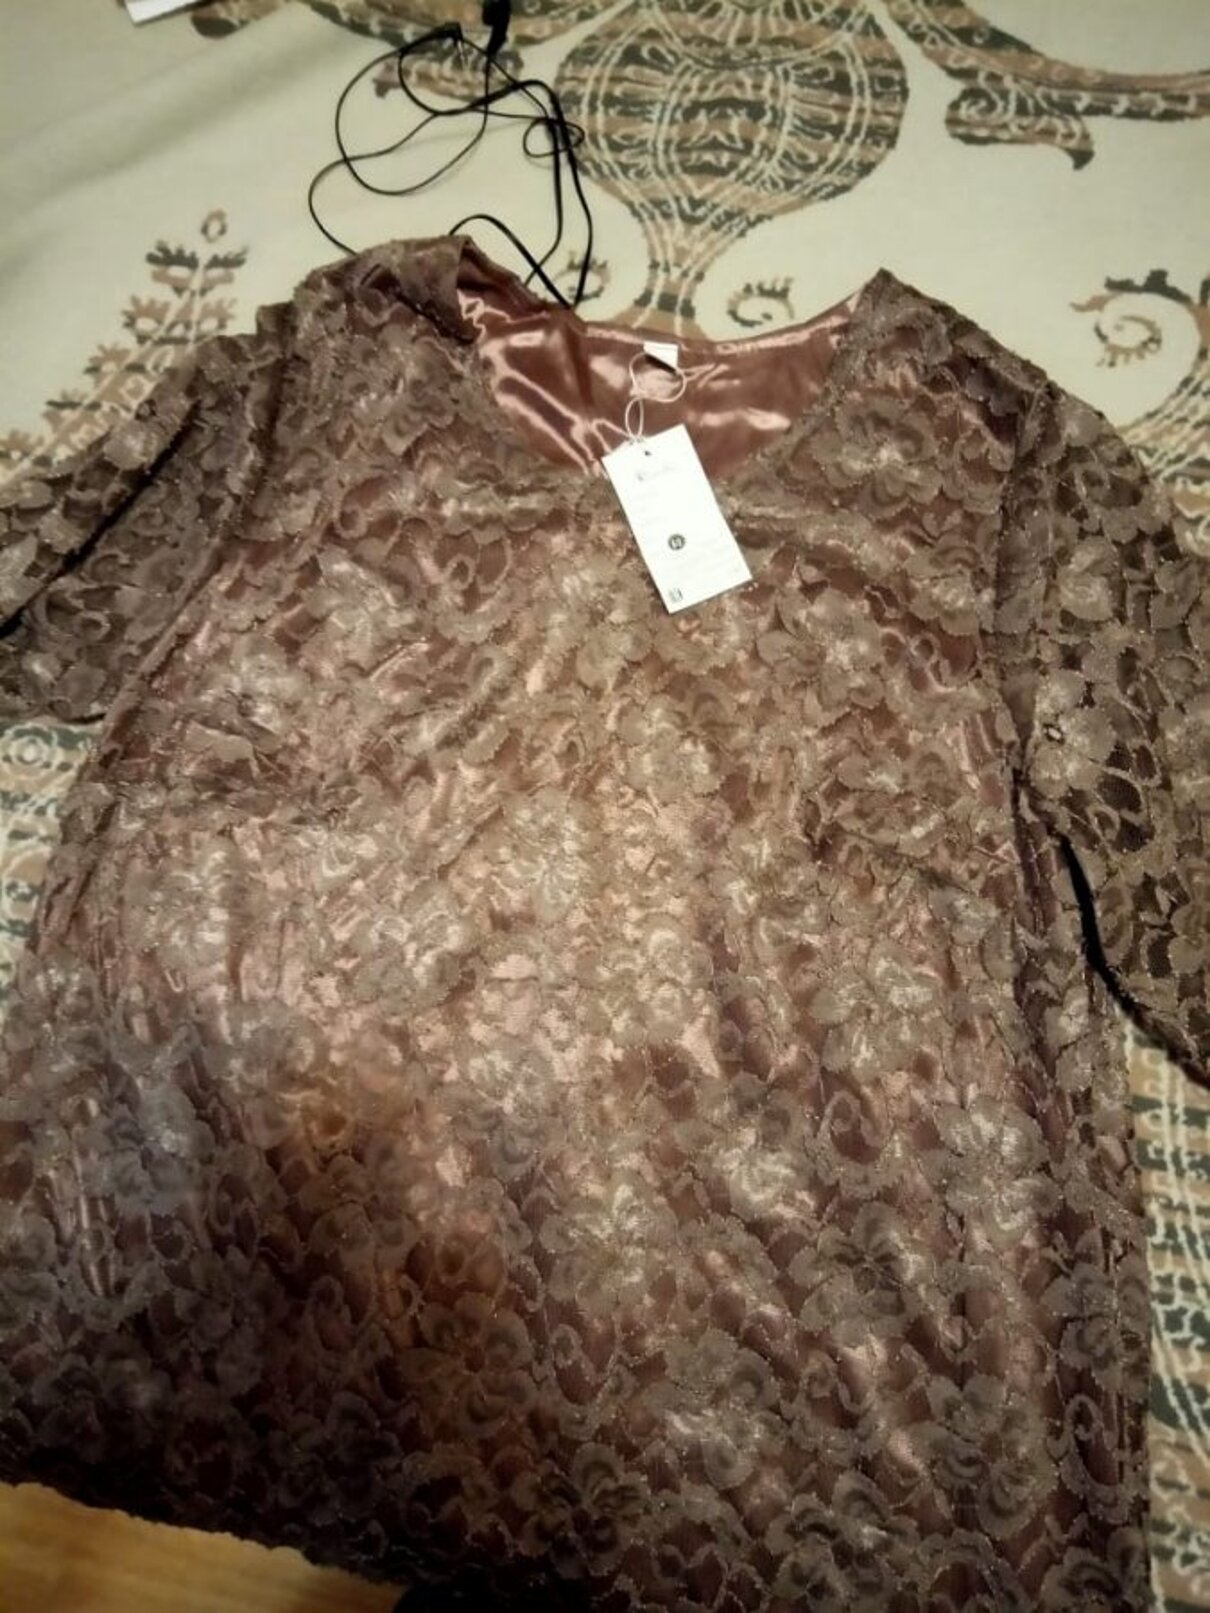 Жалоба-отзыв: Магазин стильной одежды https://drilla-mood.ru/lander/a1 - Жалоба на поставщика одежды.  Фото №1